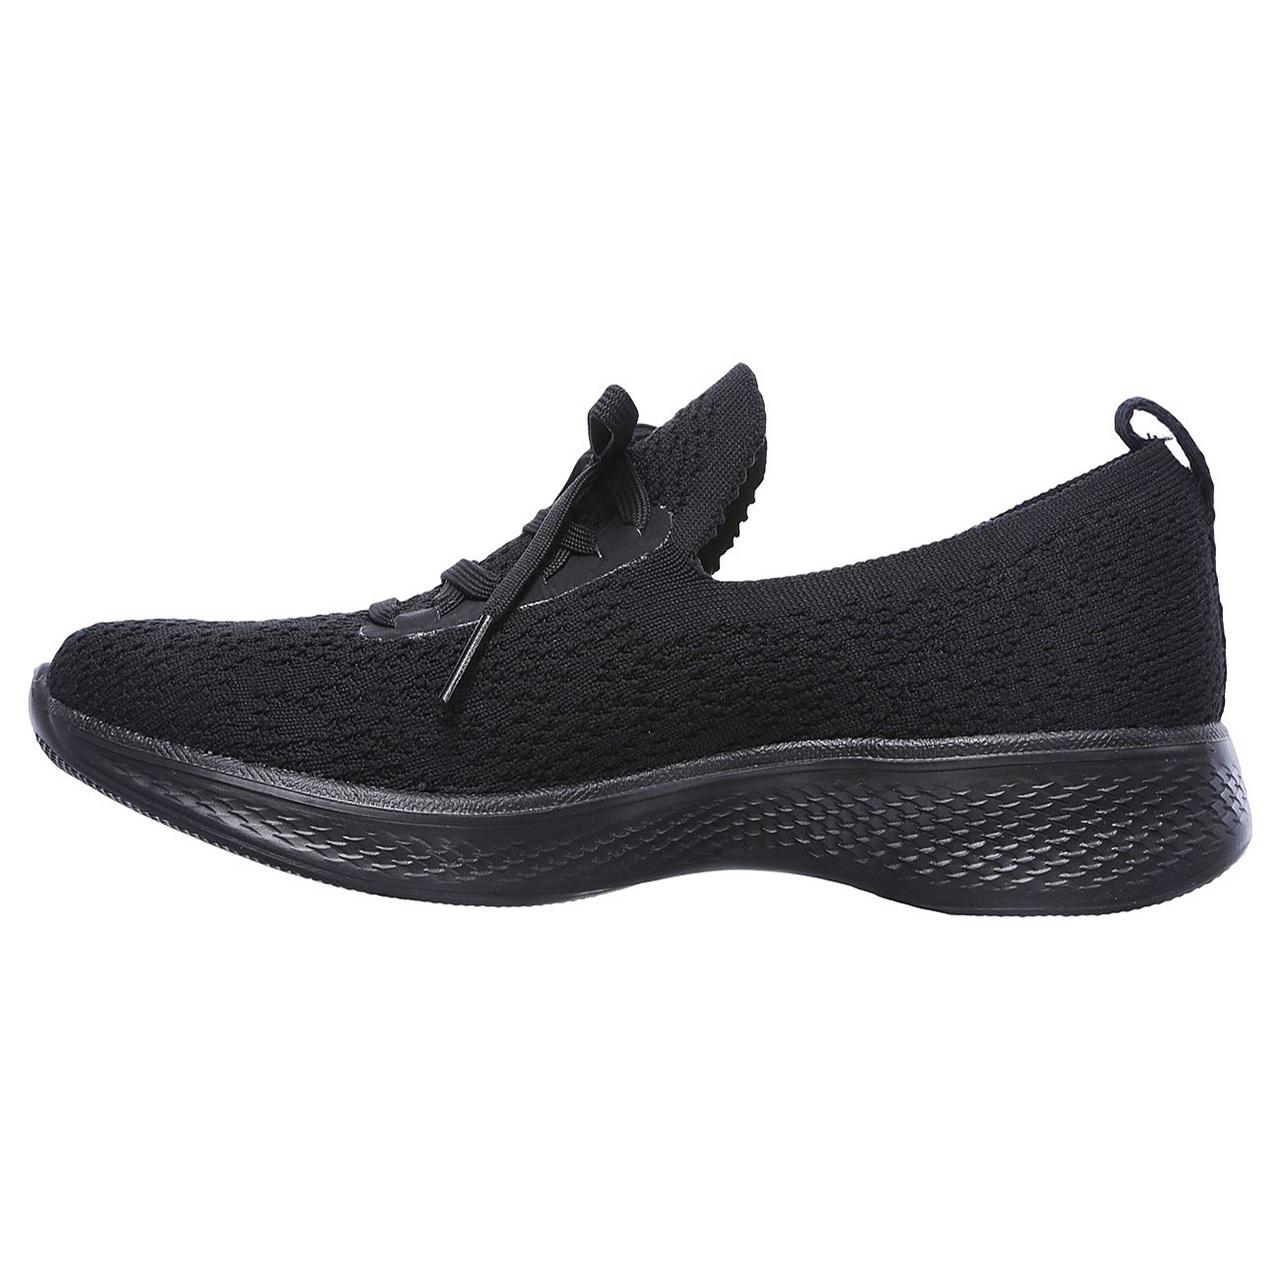 کفش راحتی زنانه اسکچرز مدل 14917 bbk